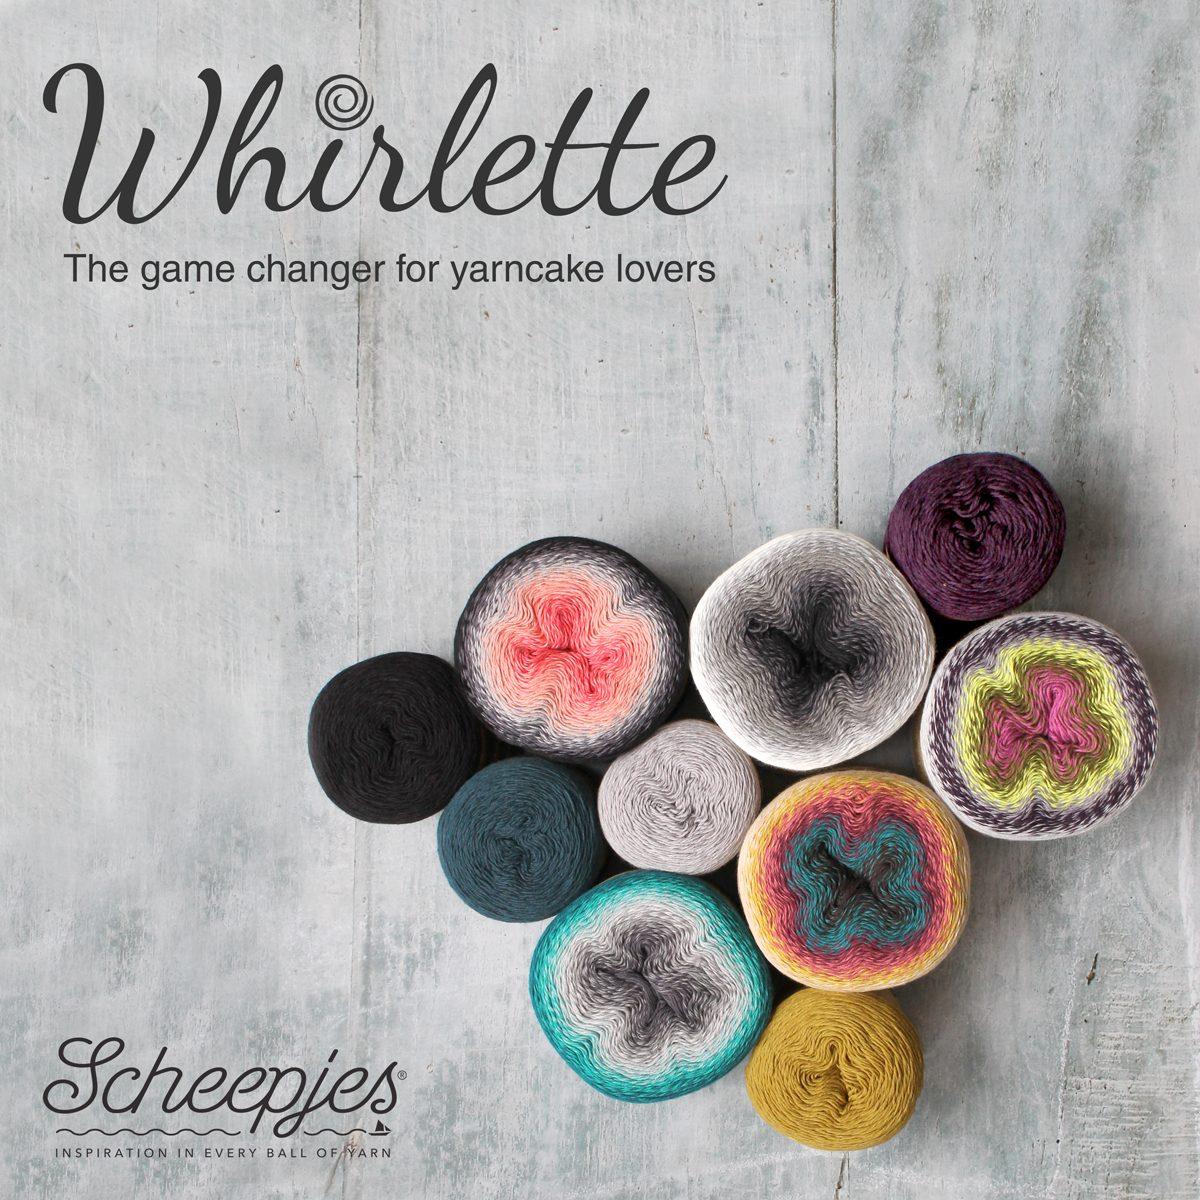 Whirlette Scheepjes ItteDesigns